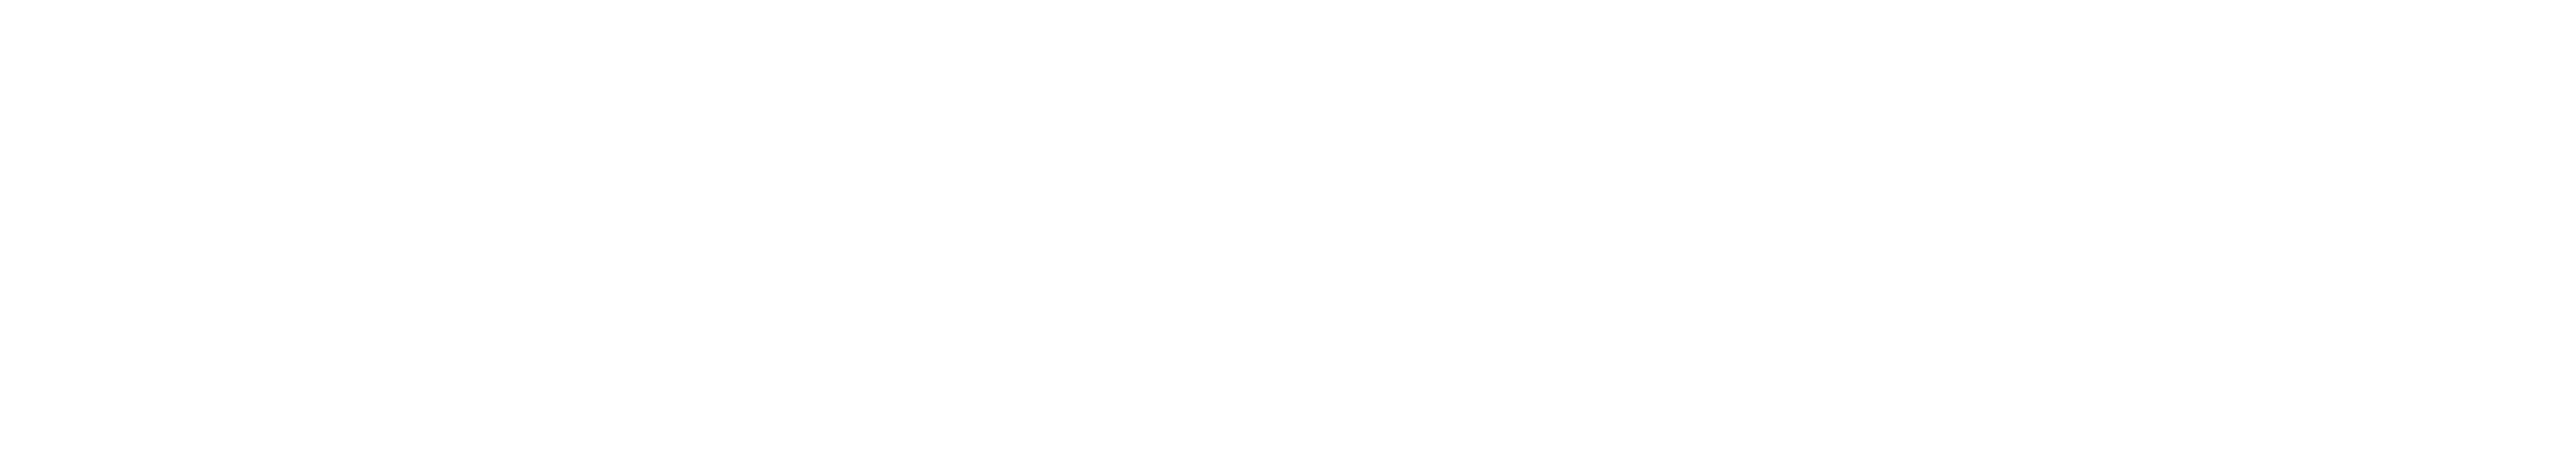 Topdivider